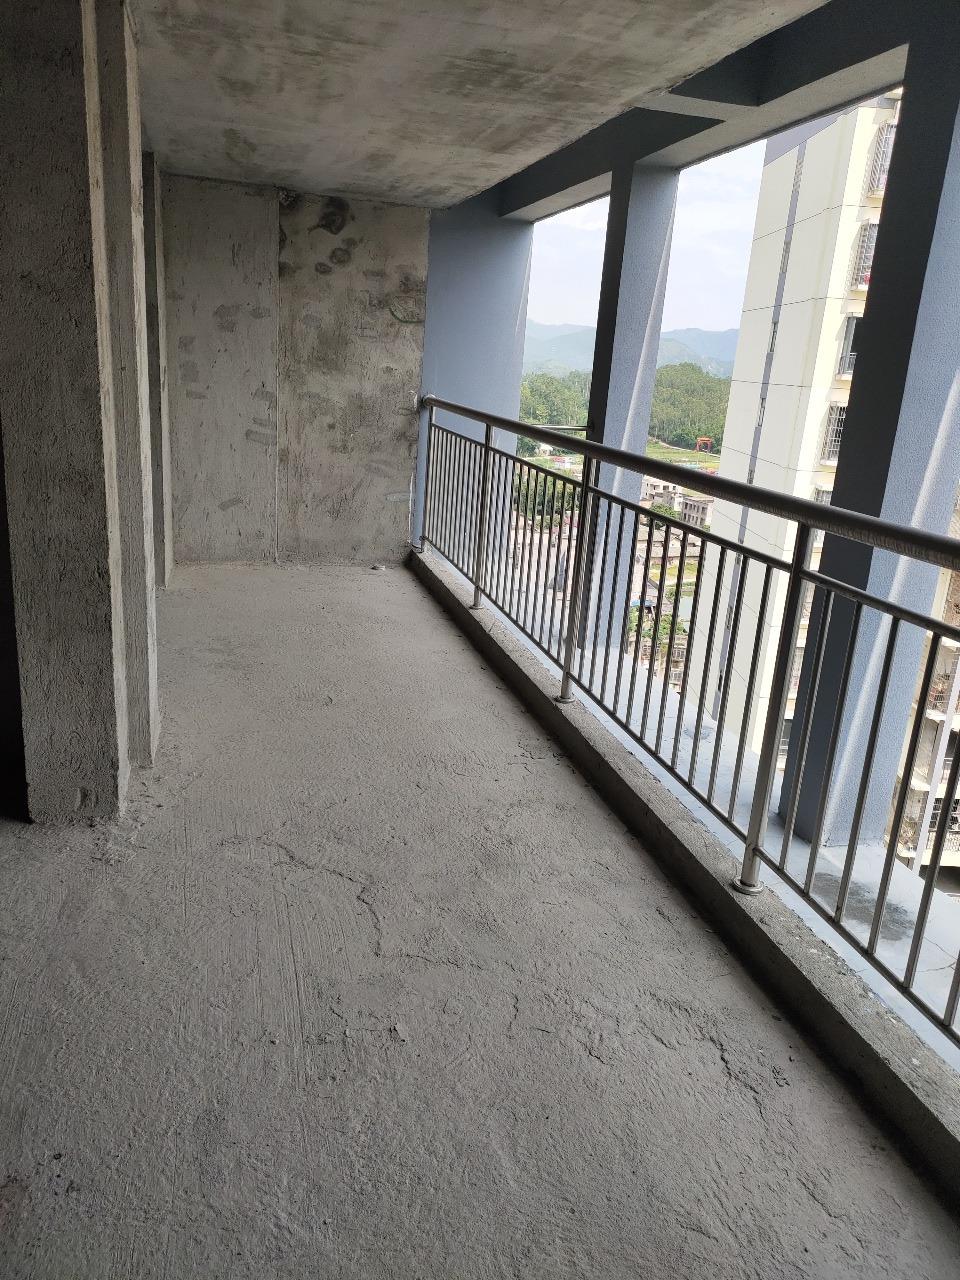 陆川县鸣大广场3室2厅2卫41万元